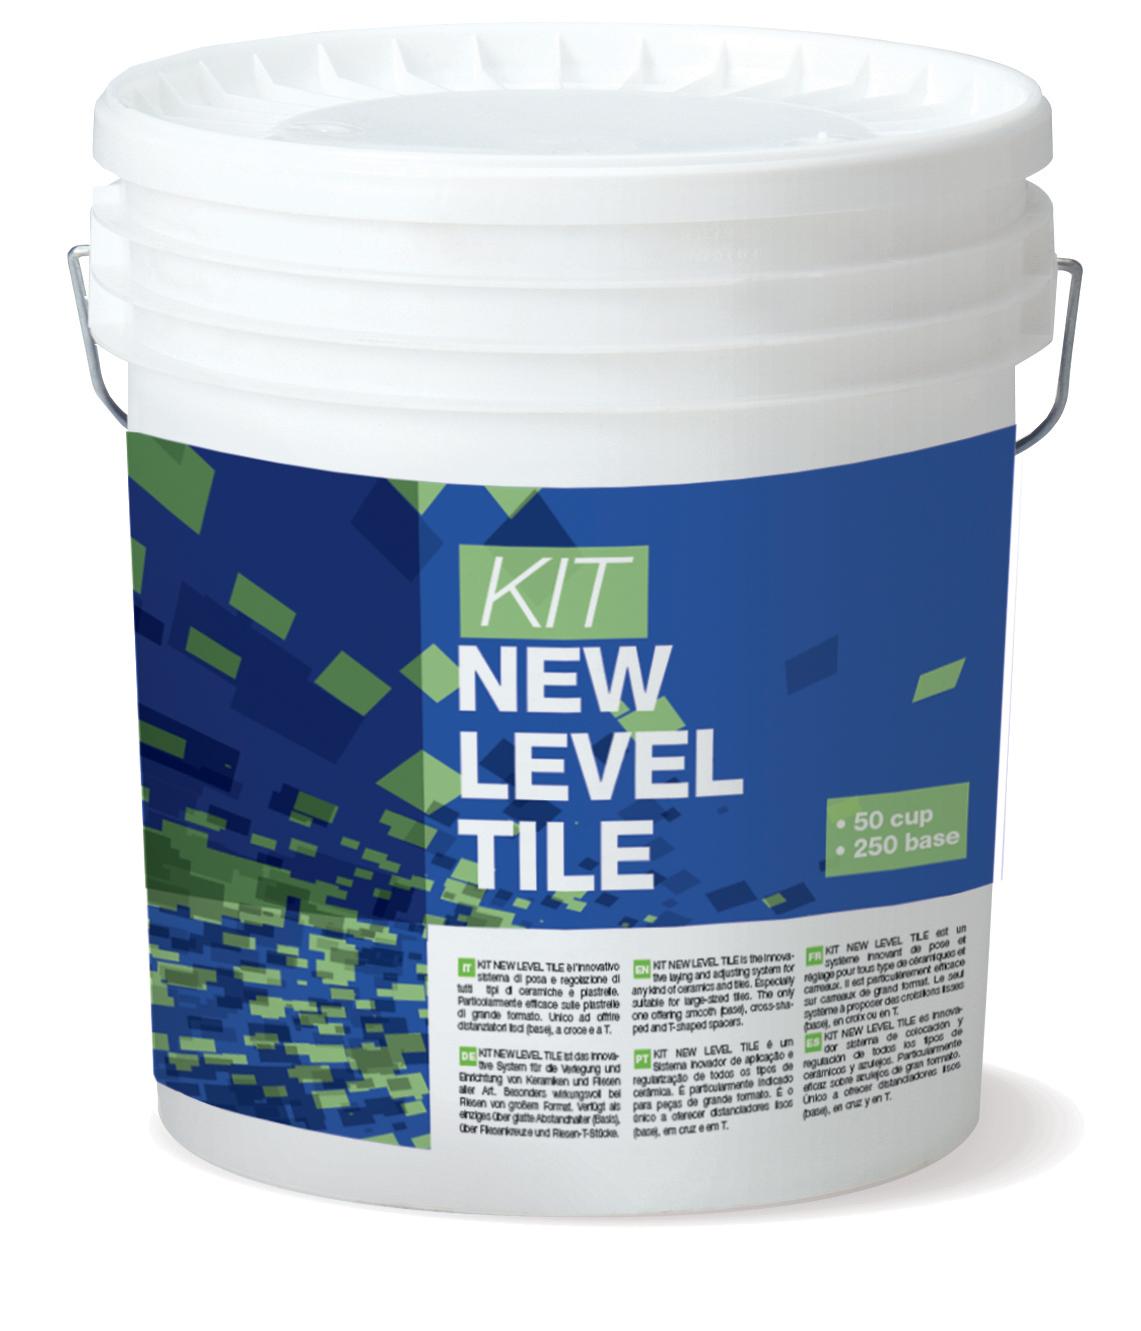 KIT NEW LEVEL TILE: Kit per la regolazione di piastrelle composto da 50 Cup e 250 Base